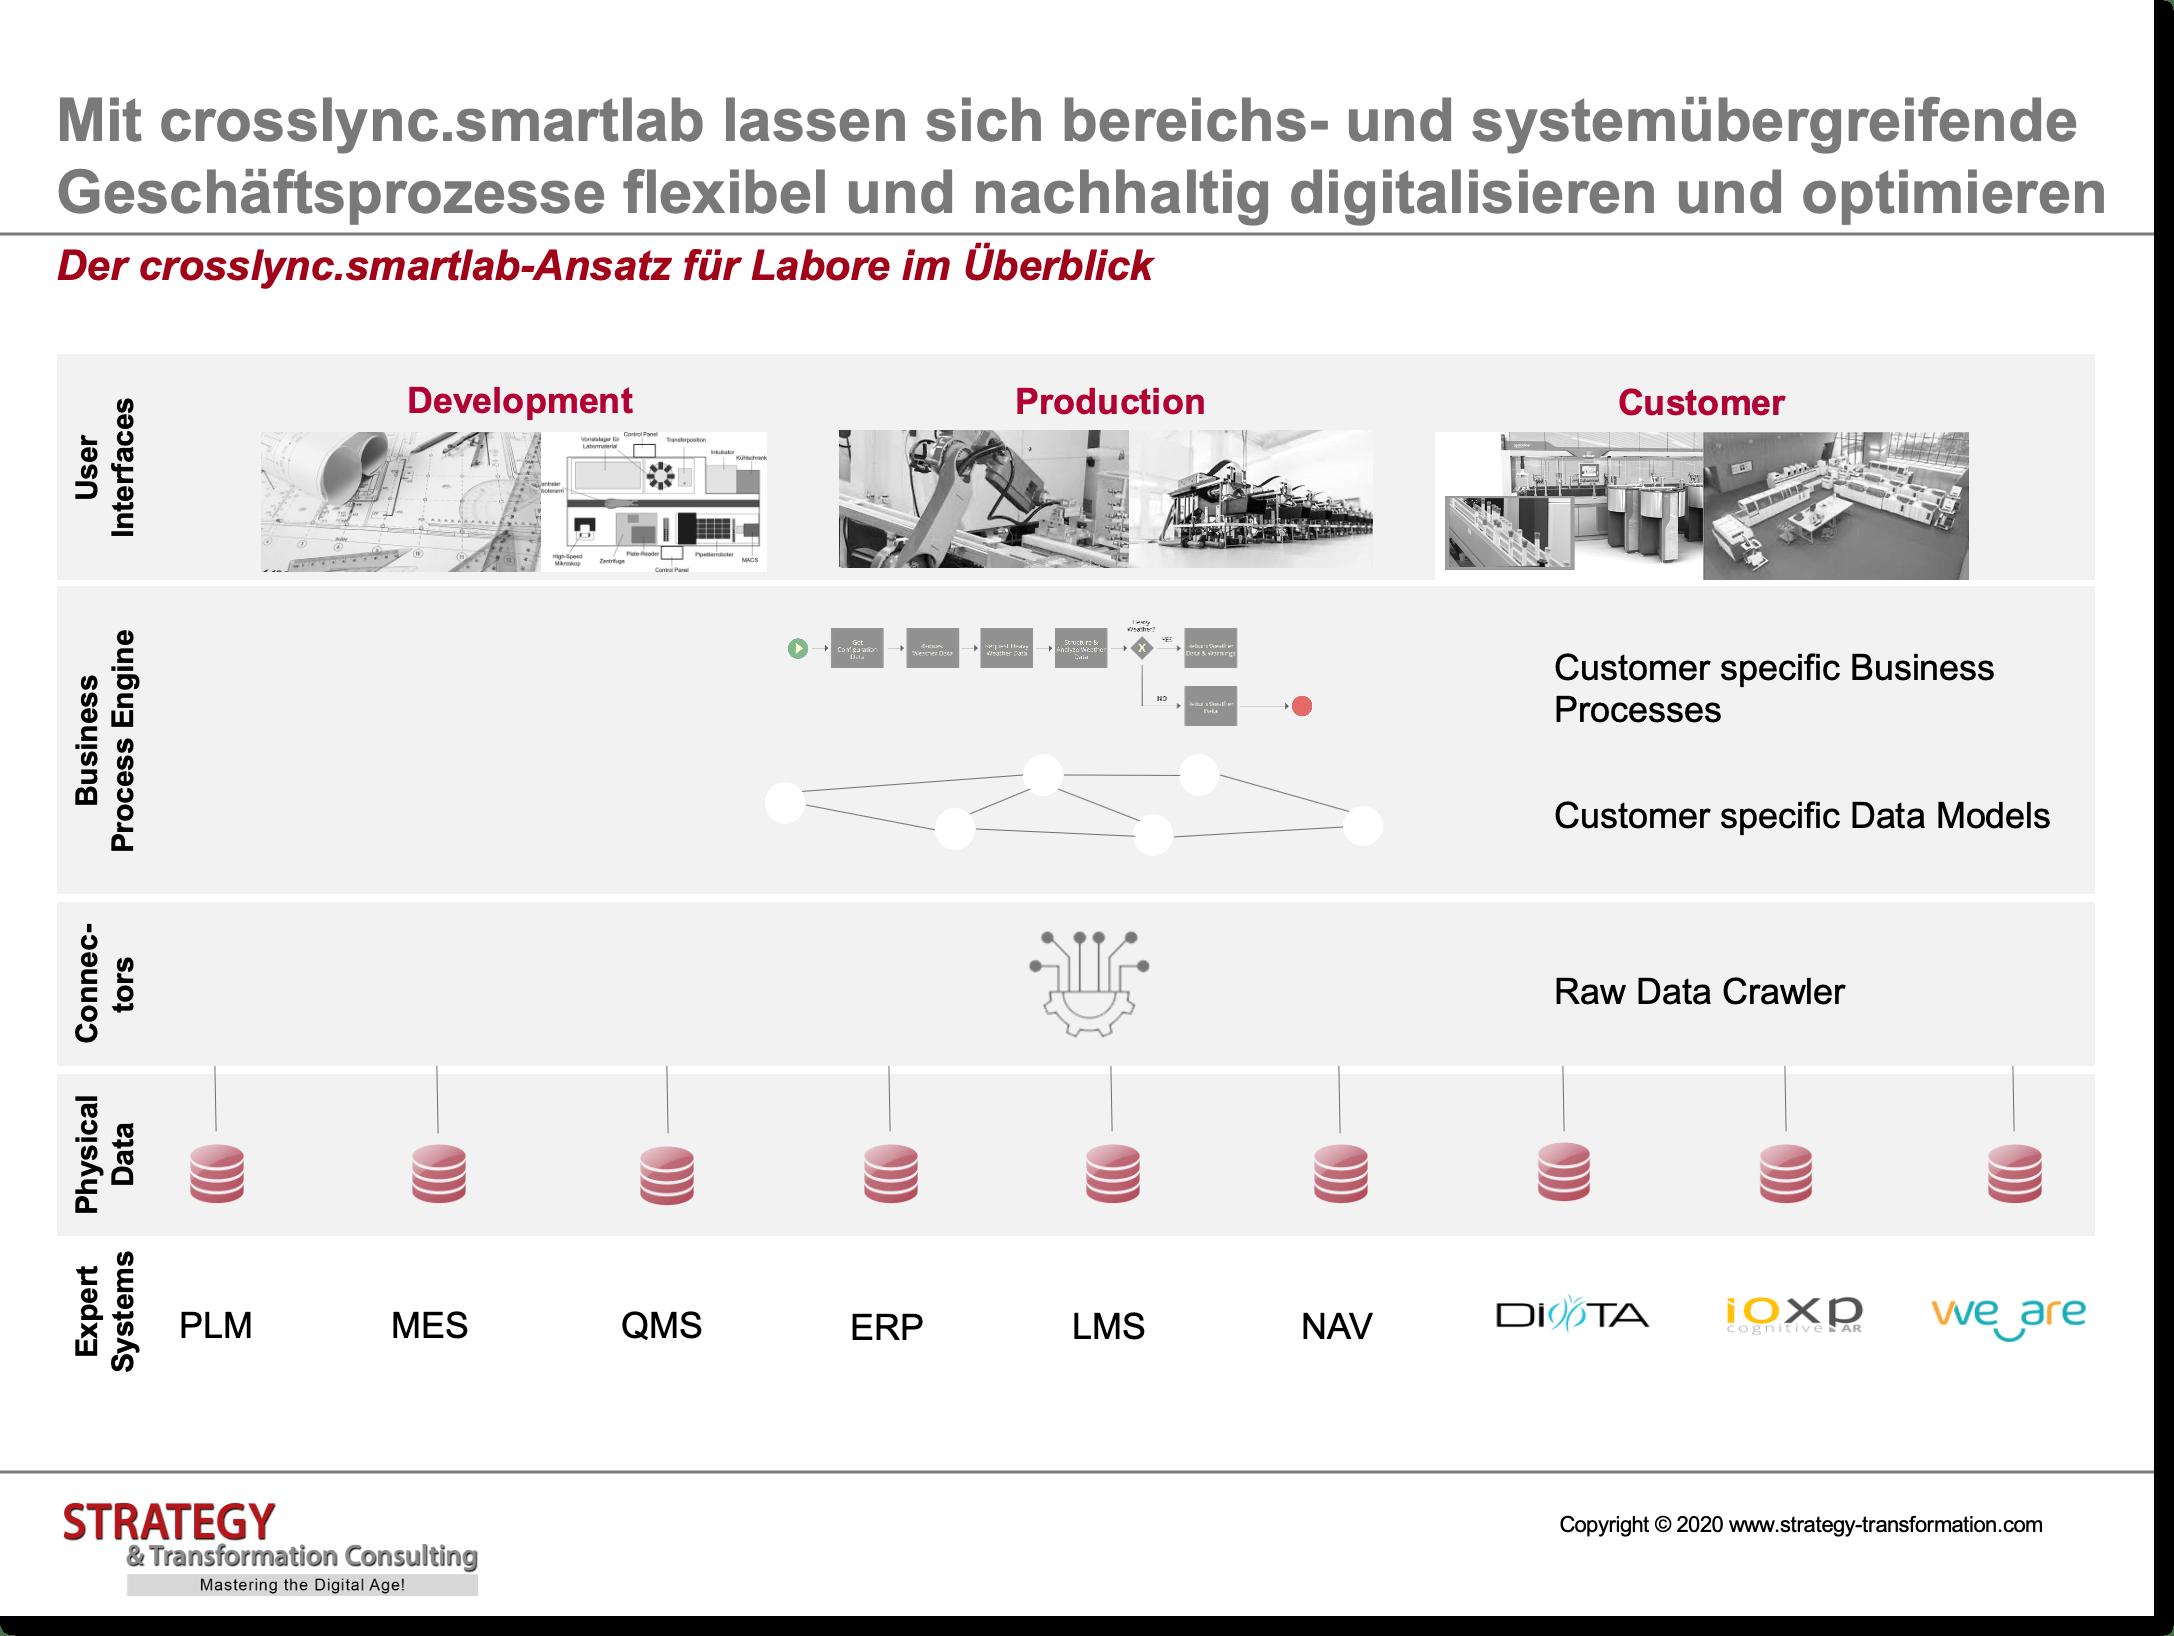 Der crosslync.smartlab-Ansatz für Labore im Überblick